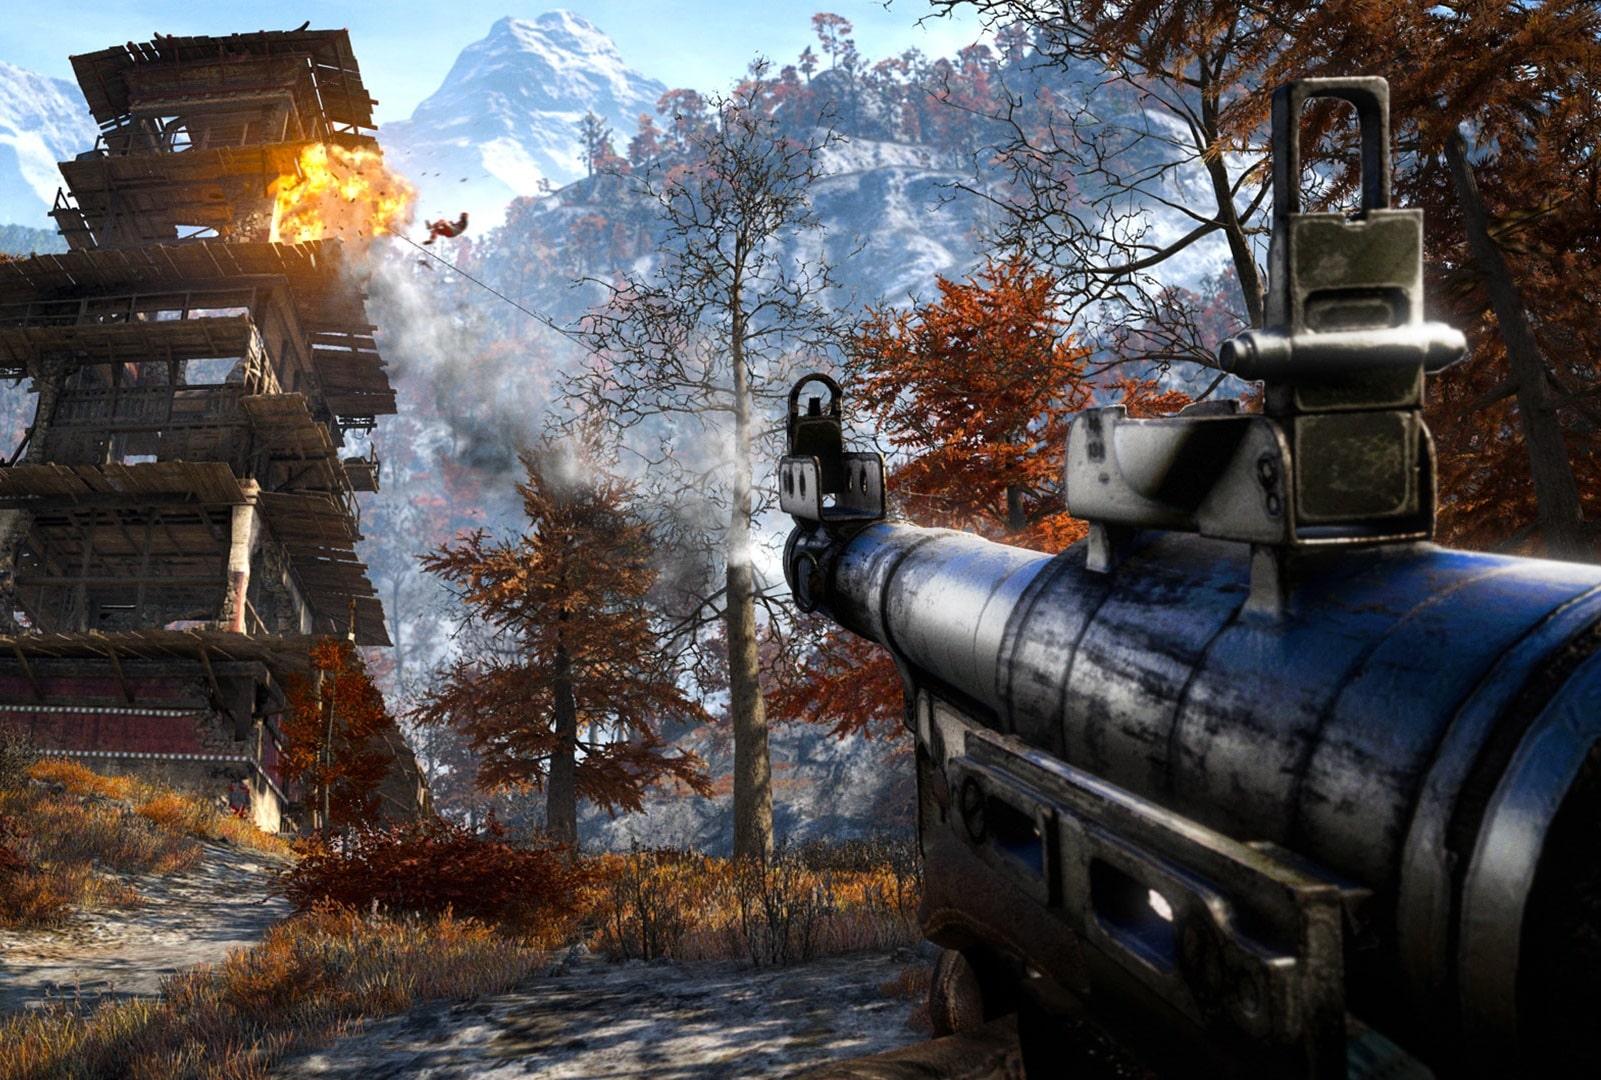 خرید دی ال سی Far Cry 4 اسکرین شات 3